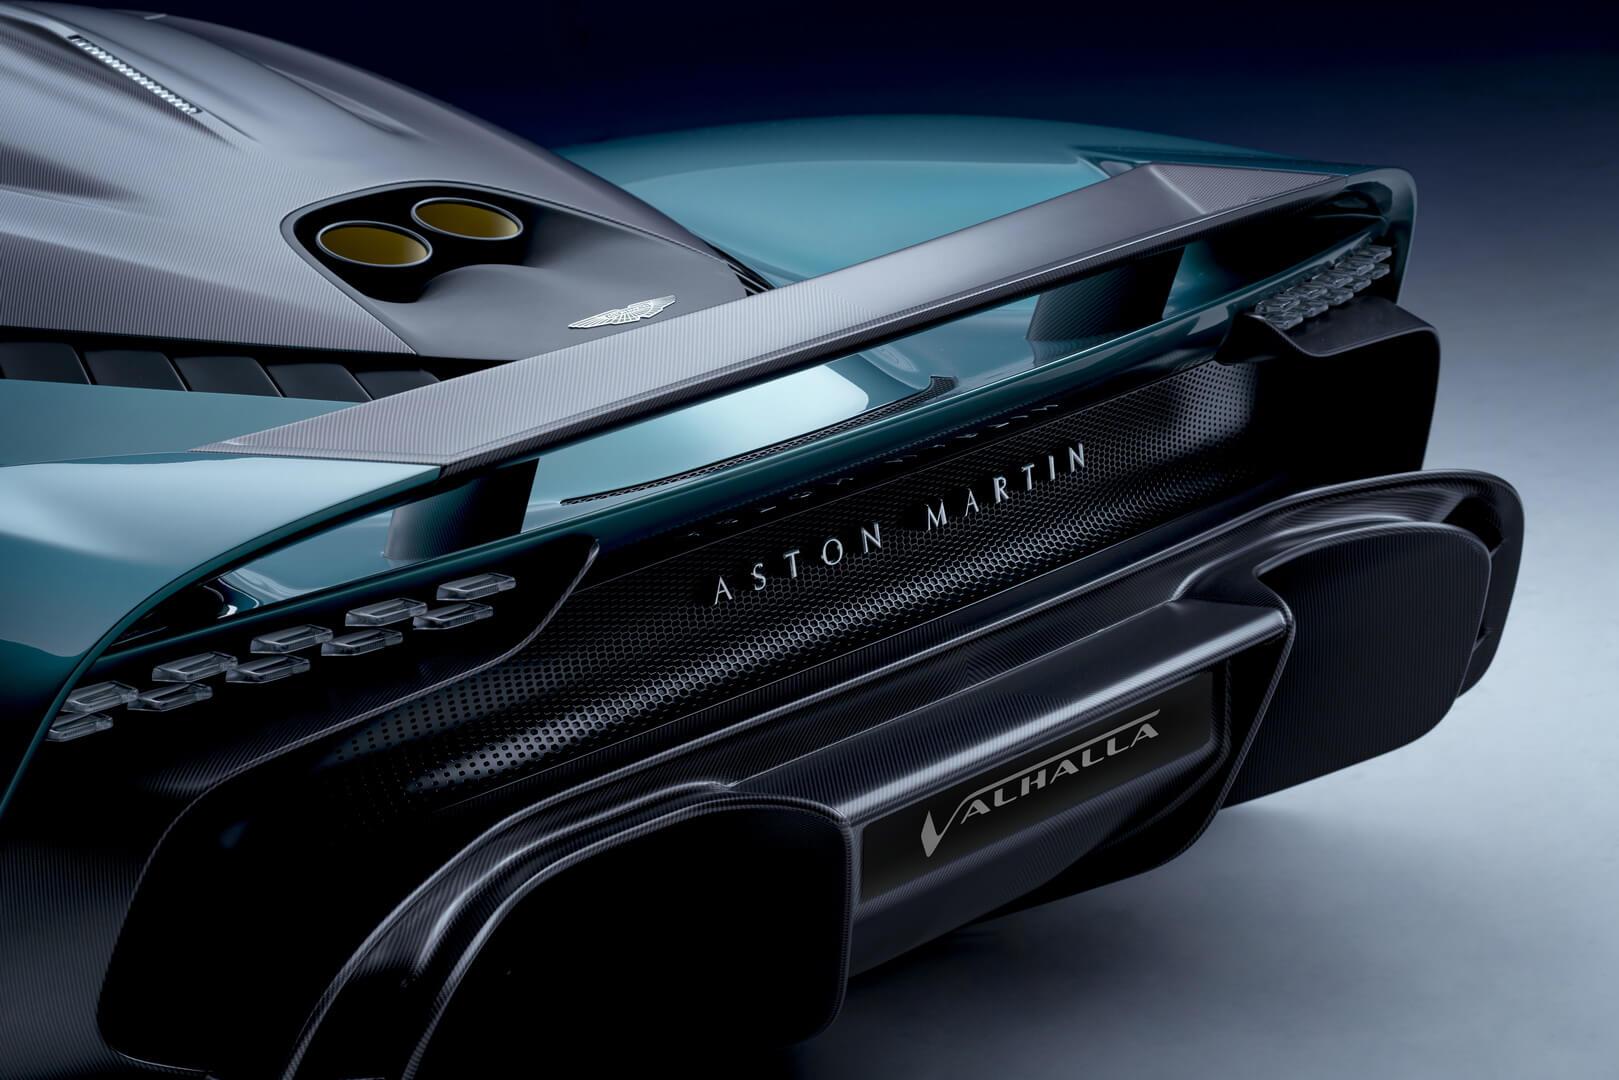 Гиперкар Aston Martin Valhalla оснащается особыми аэродинамическим обвесом